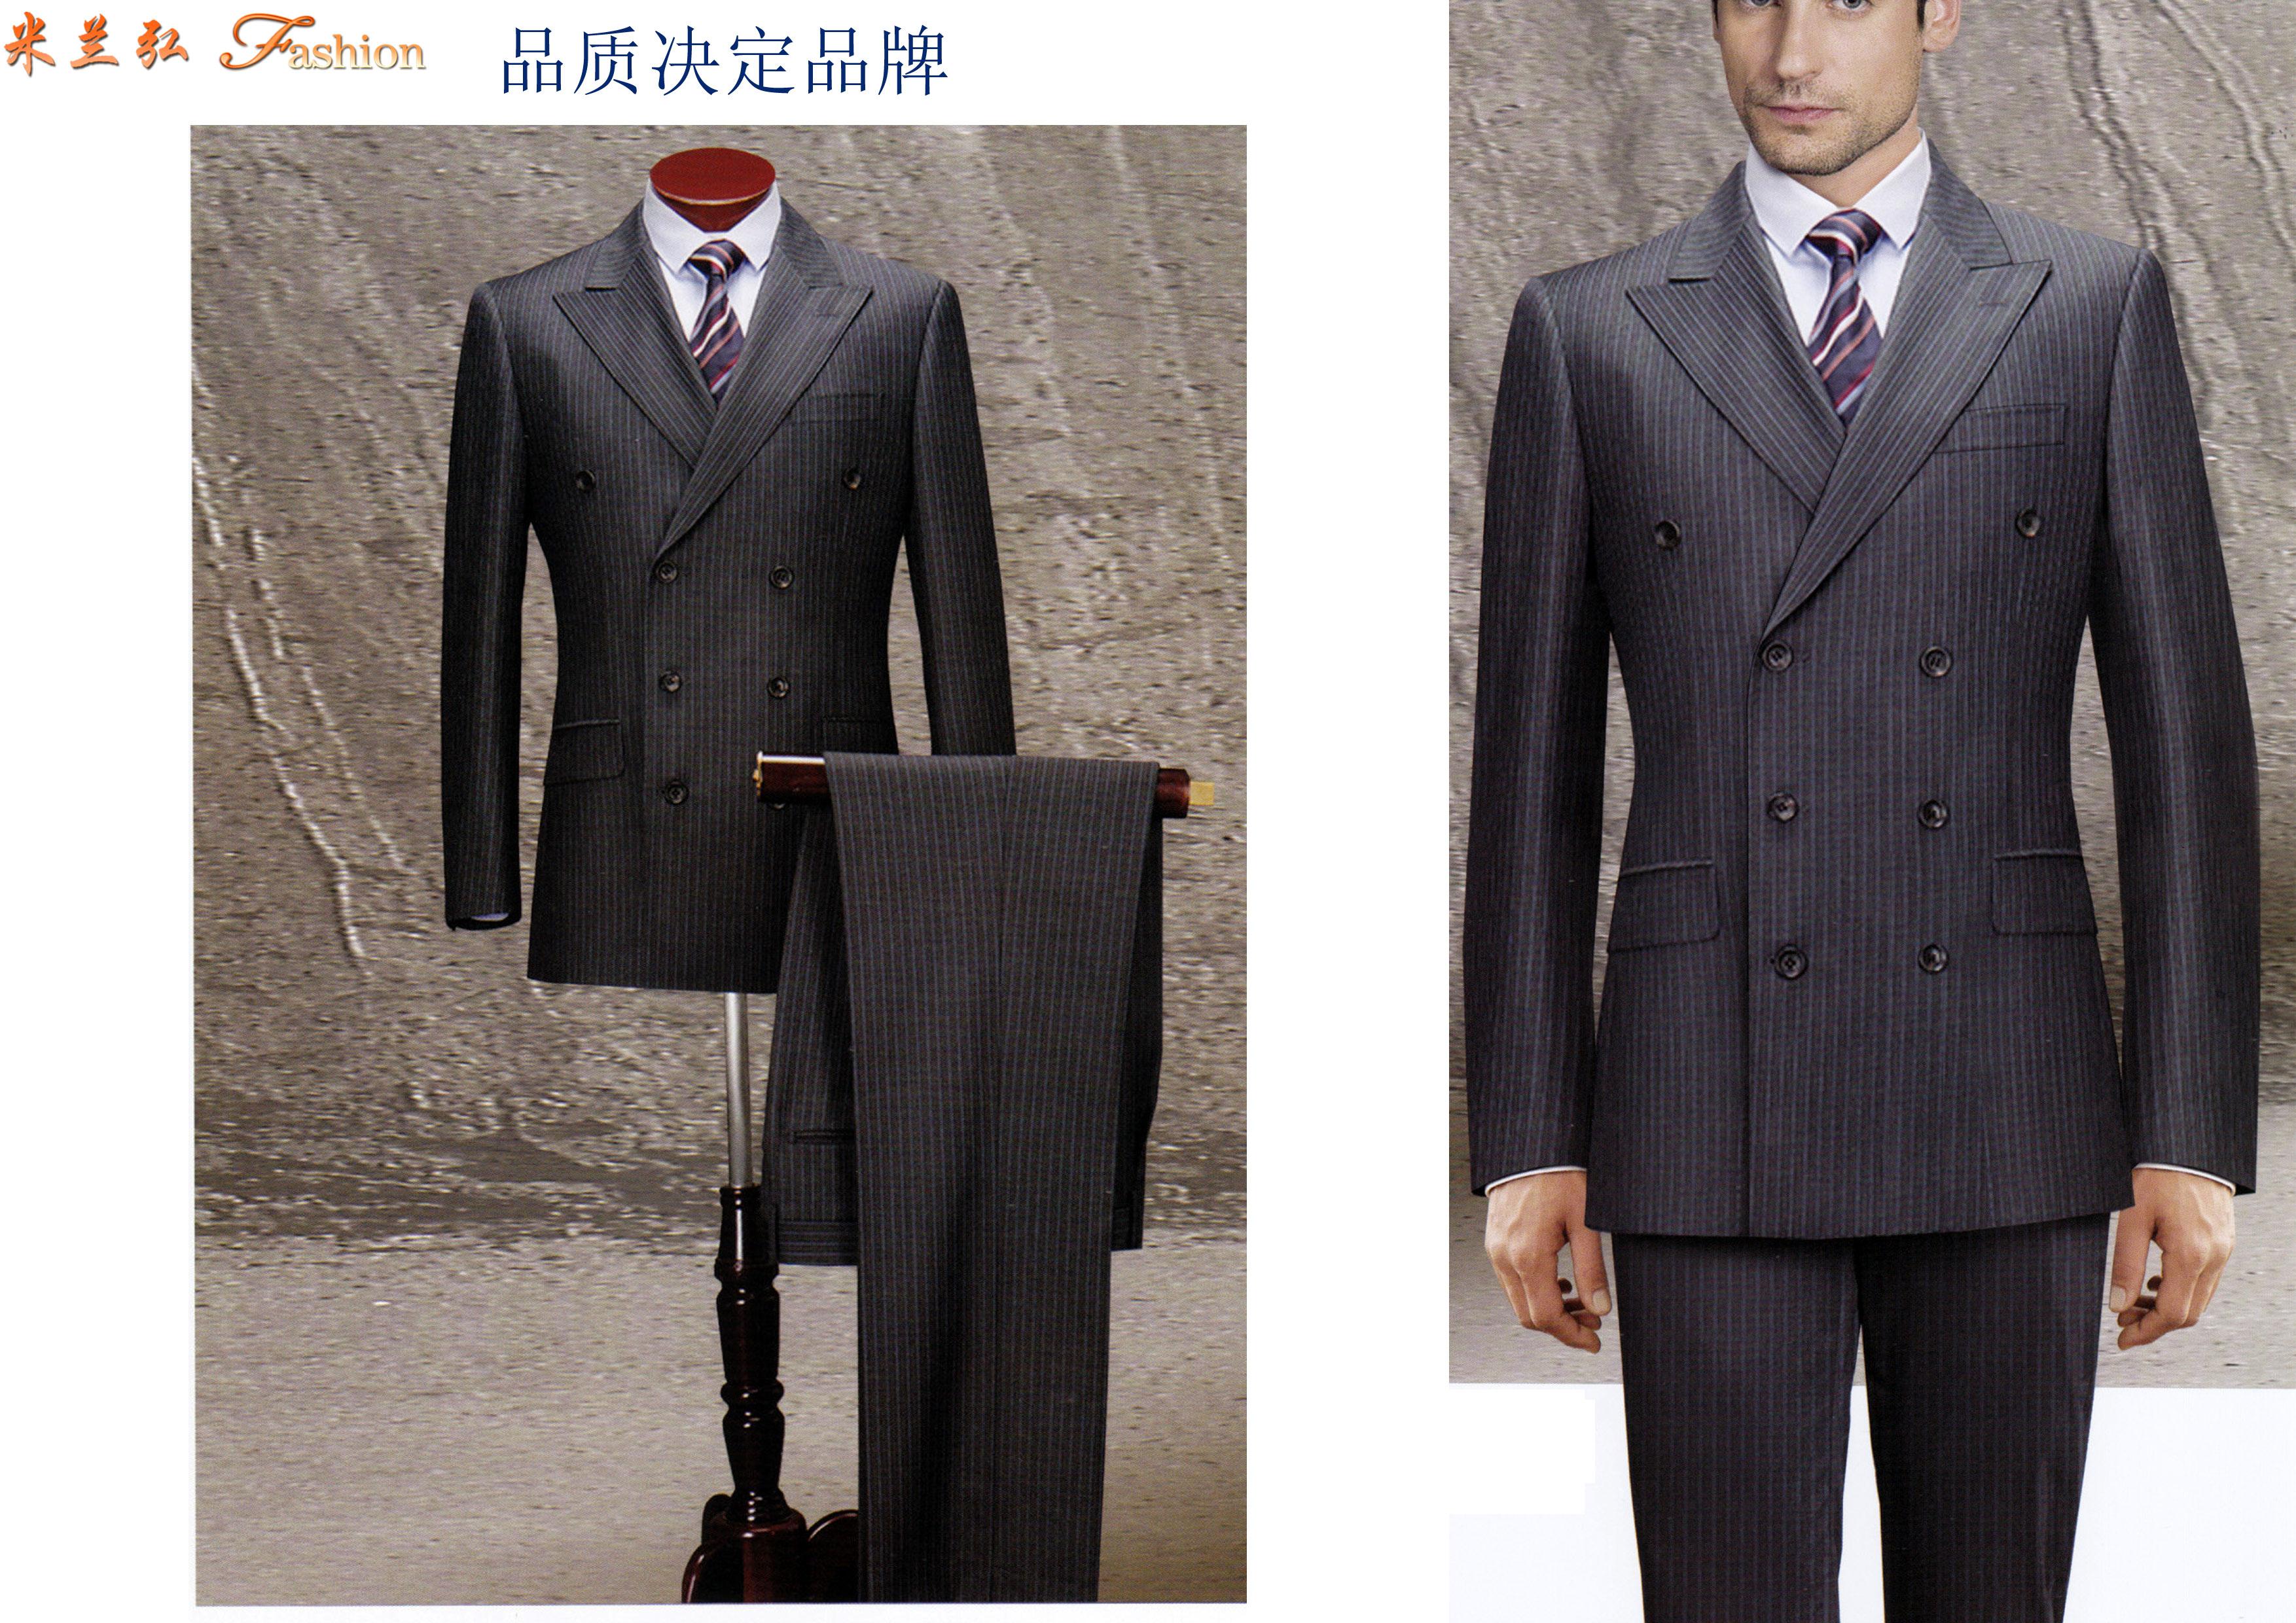 北京量身定制品牌西服_北京西裝定做_北京羊毛西服訂制-3